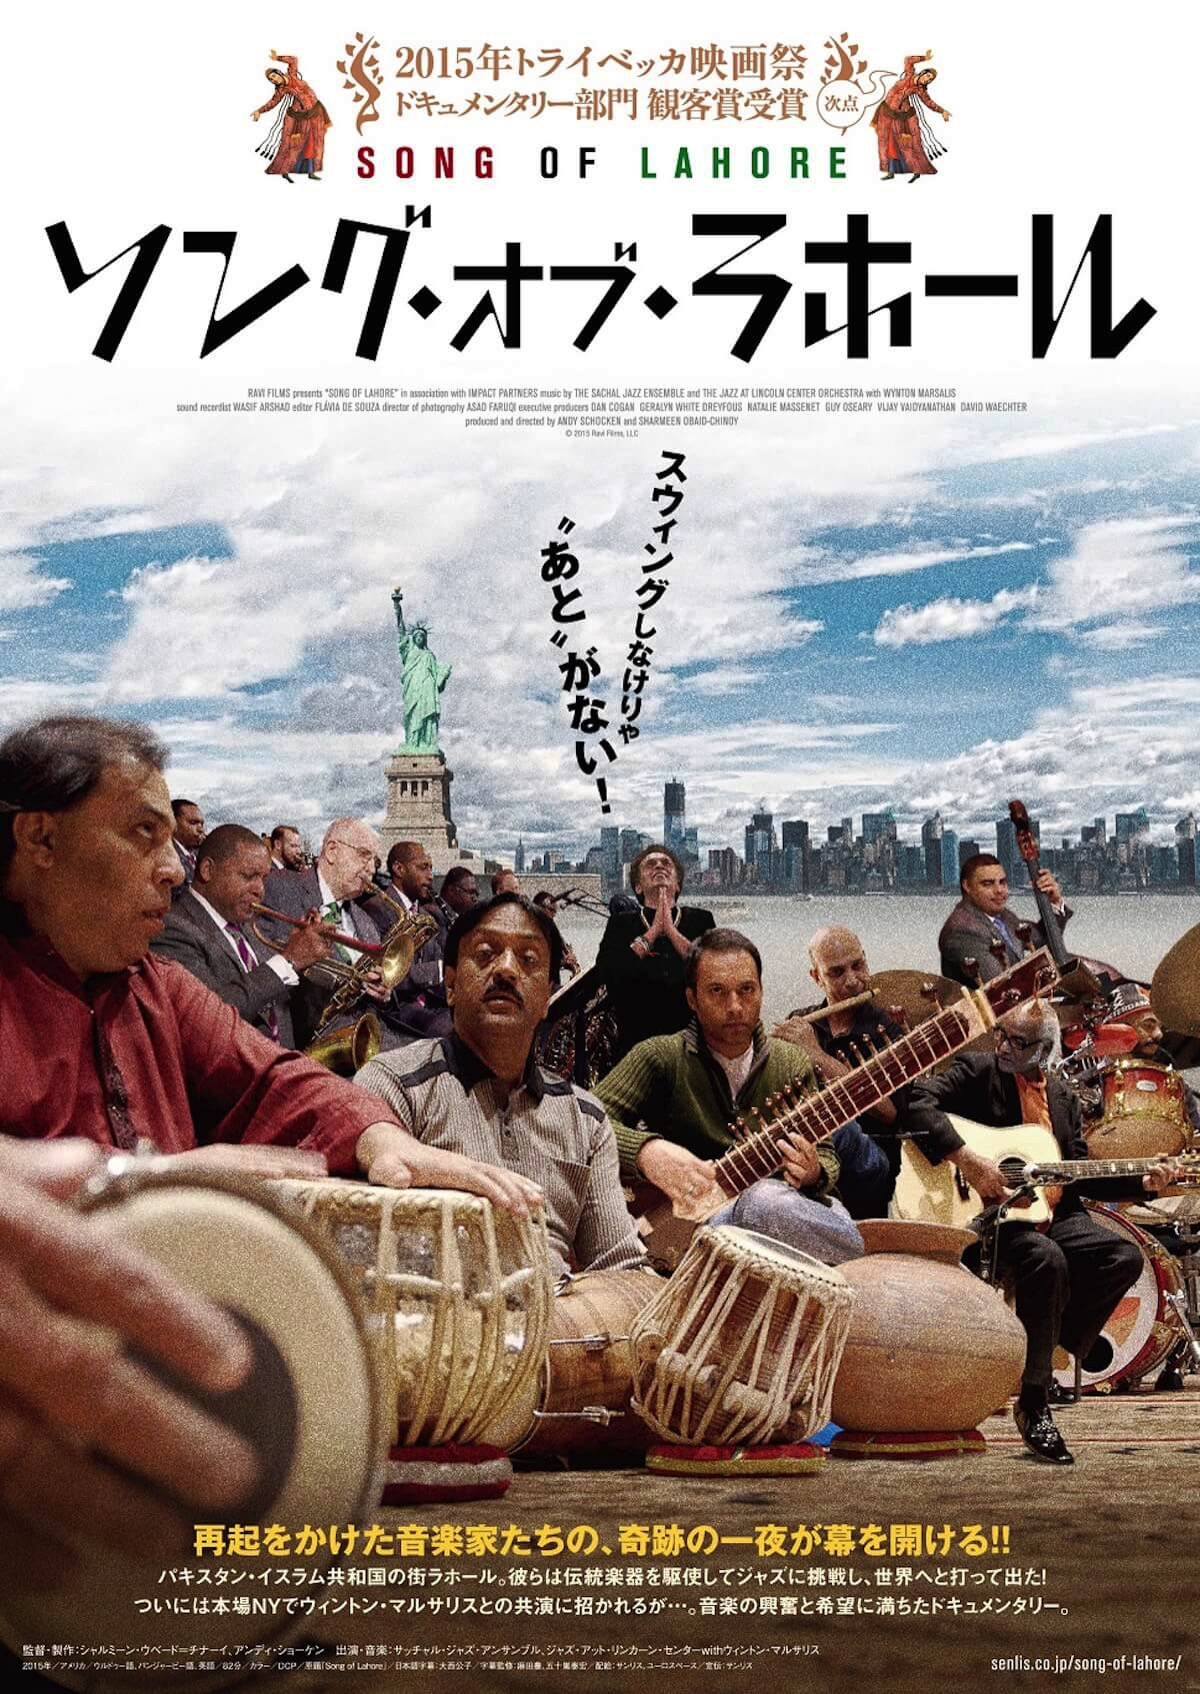 ソング オブ ラホール poster